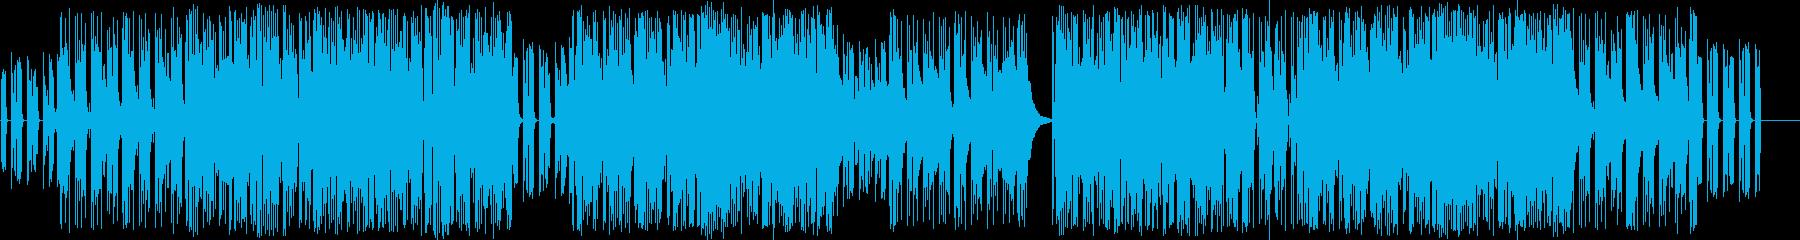 アコギが織り成すメロウRAP TUNEの再生済みの波形